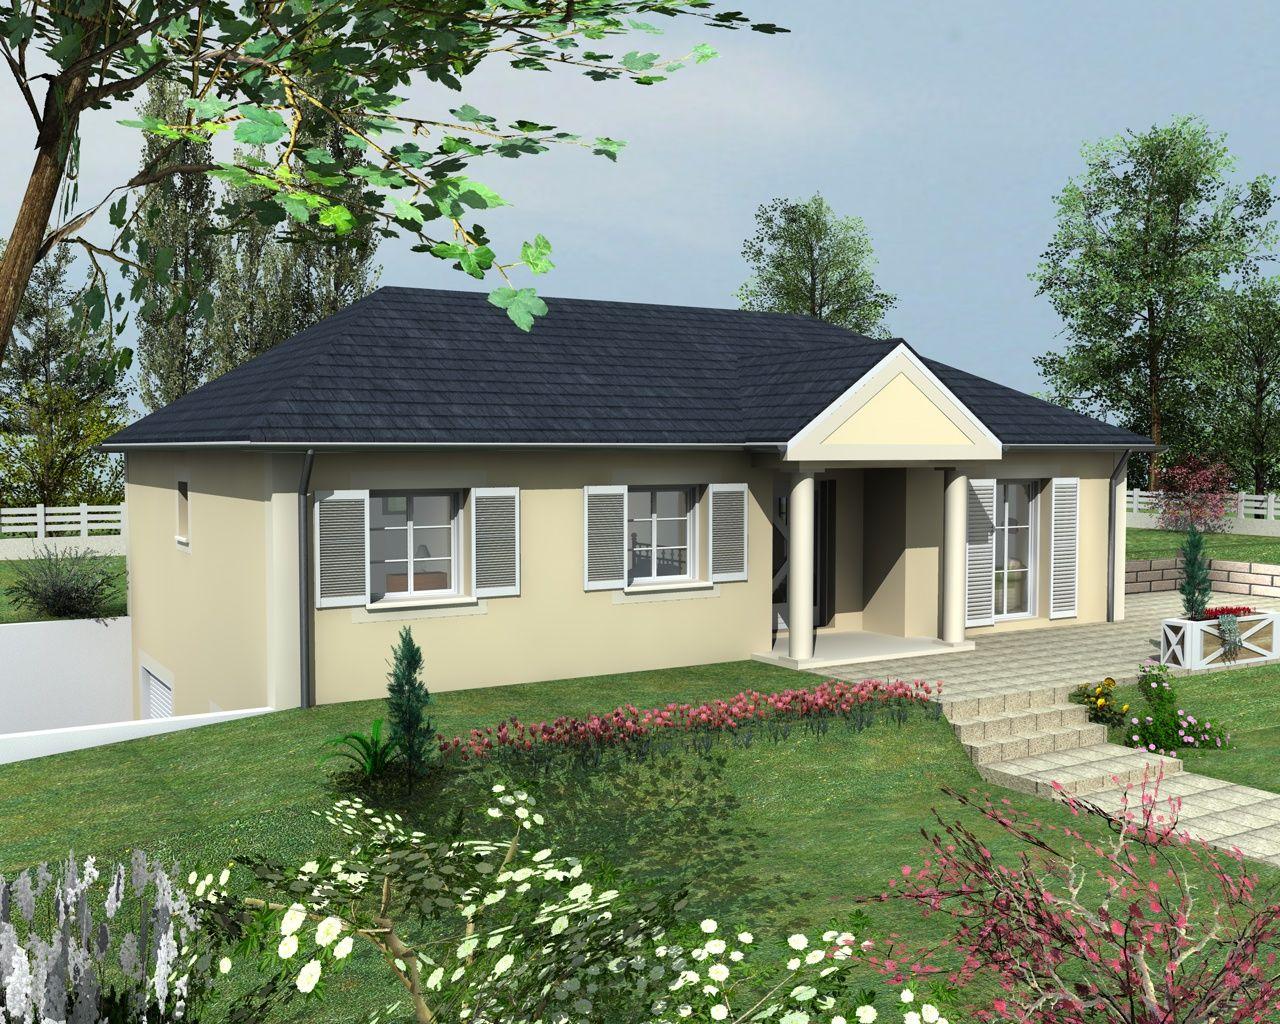 ang le est un mod le de maison sur sous sol avec porche fronton et colonnes elle poss de 5. Black Bedroom Furniture Sets. Home Design Ideas